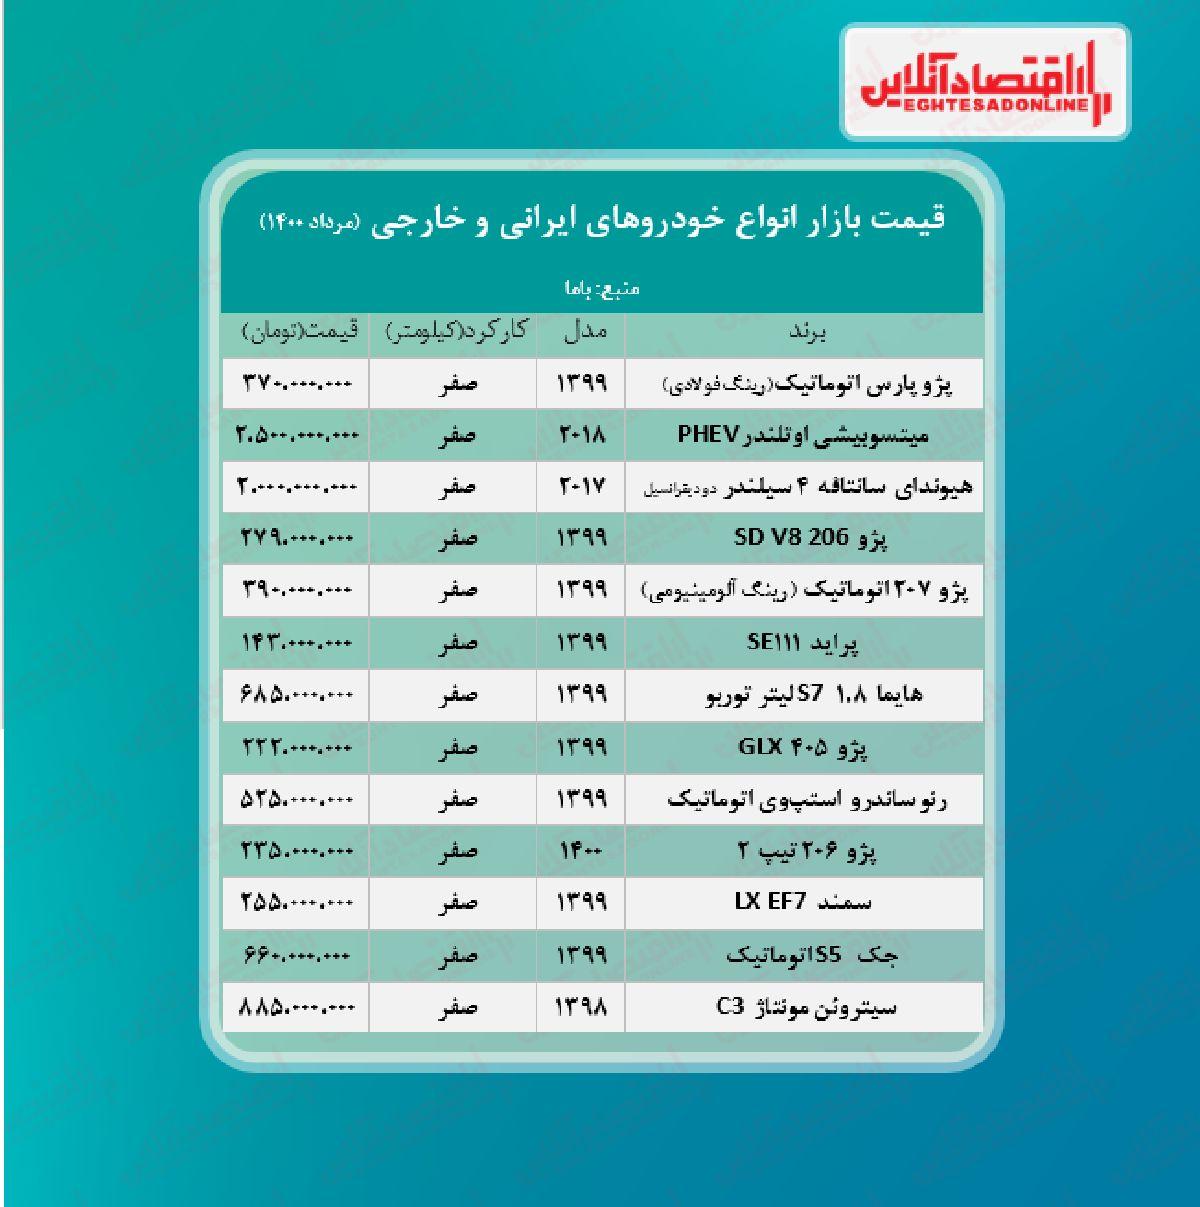 قیمت خودرو امروز ۱۴۰۰/۵/۲۱